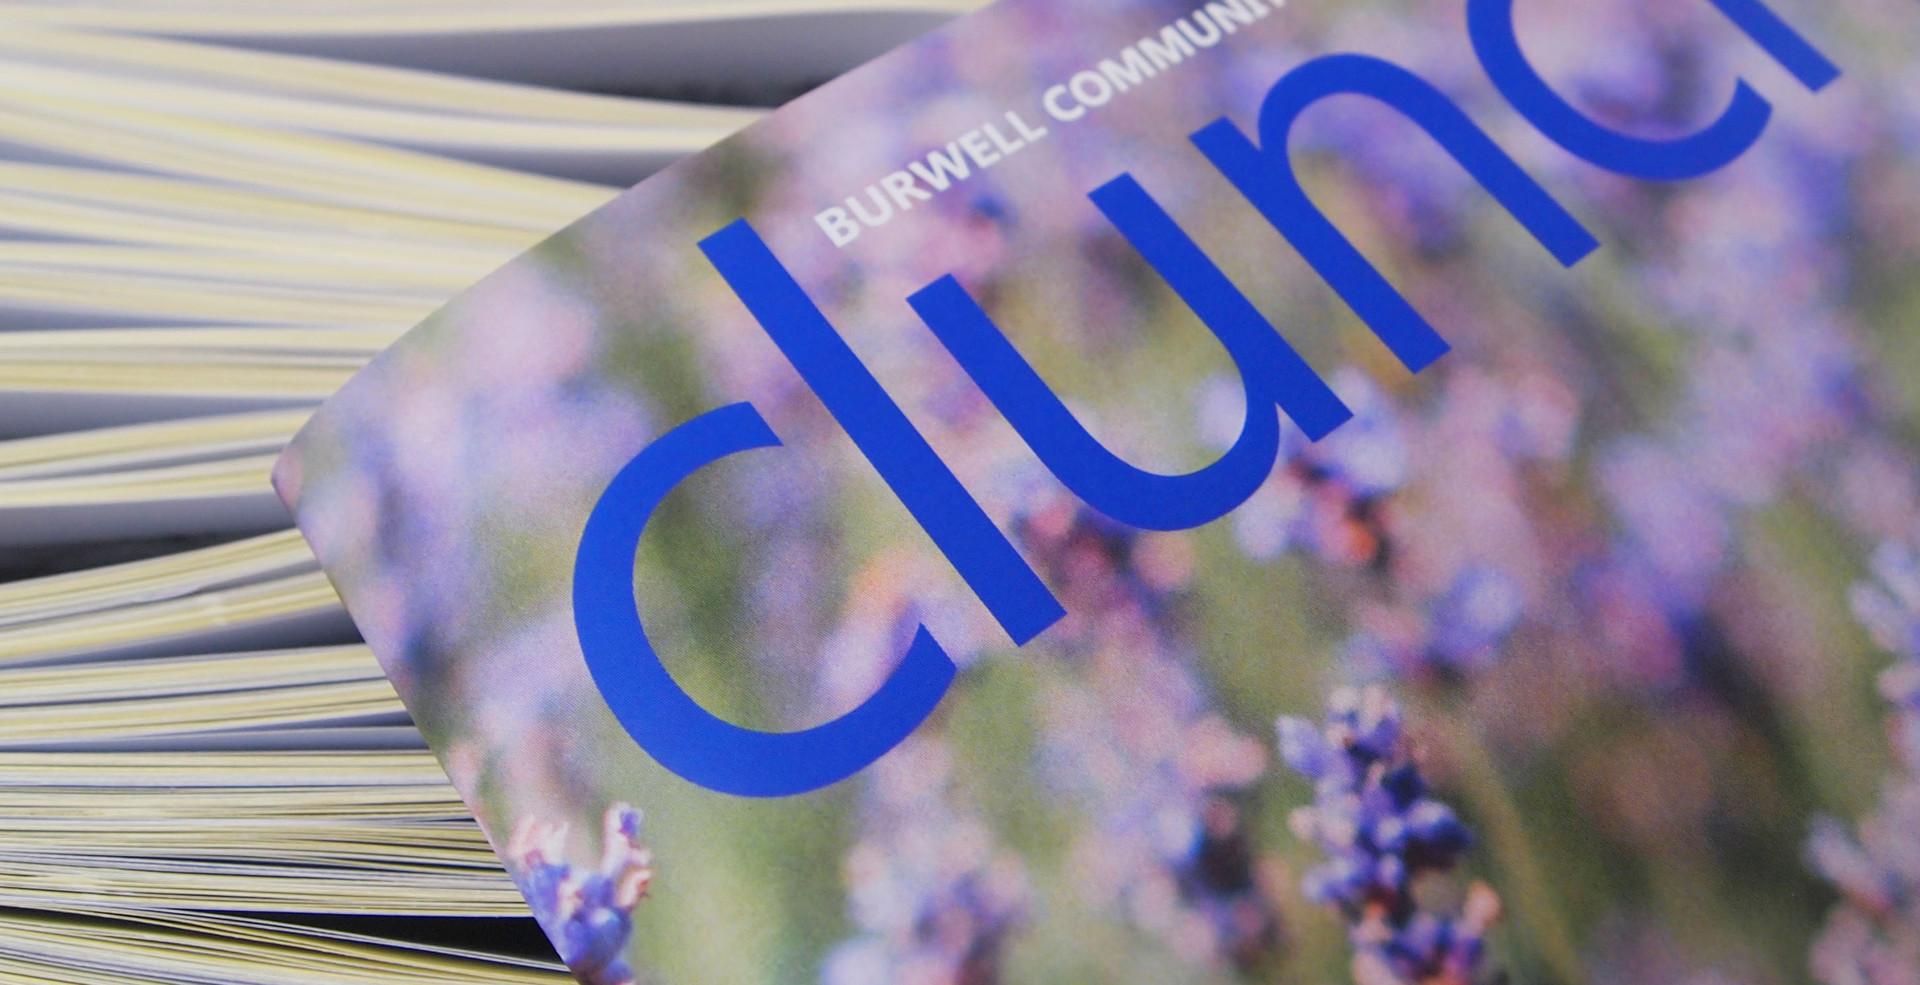 Clunch Magazine